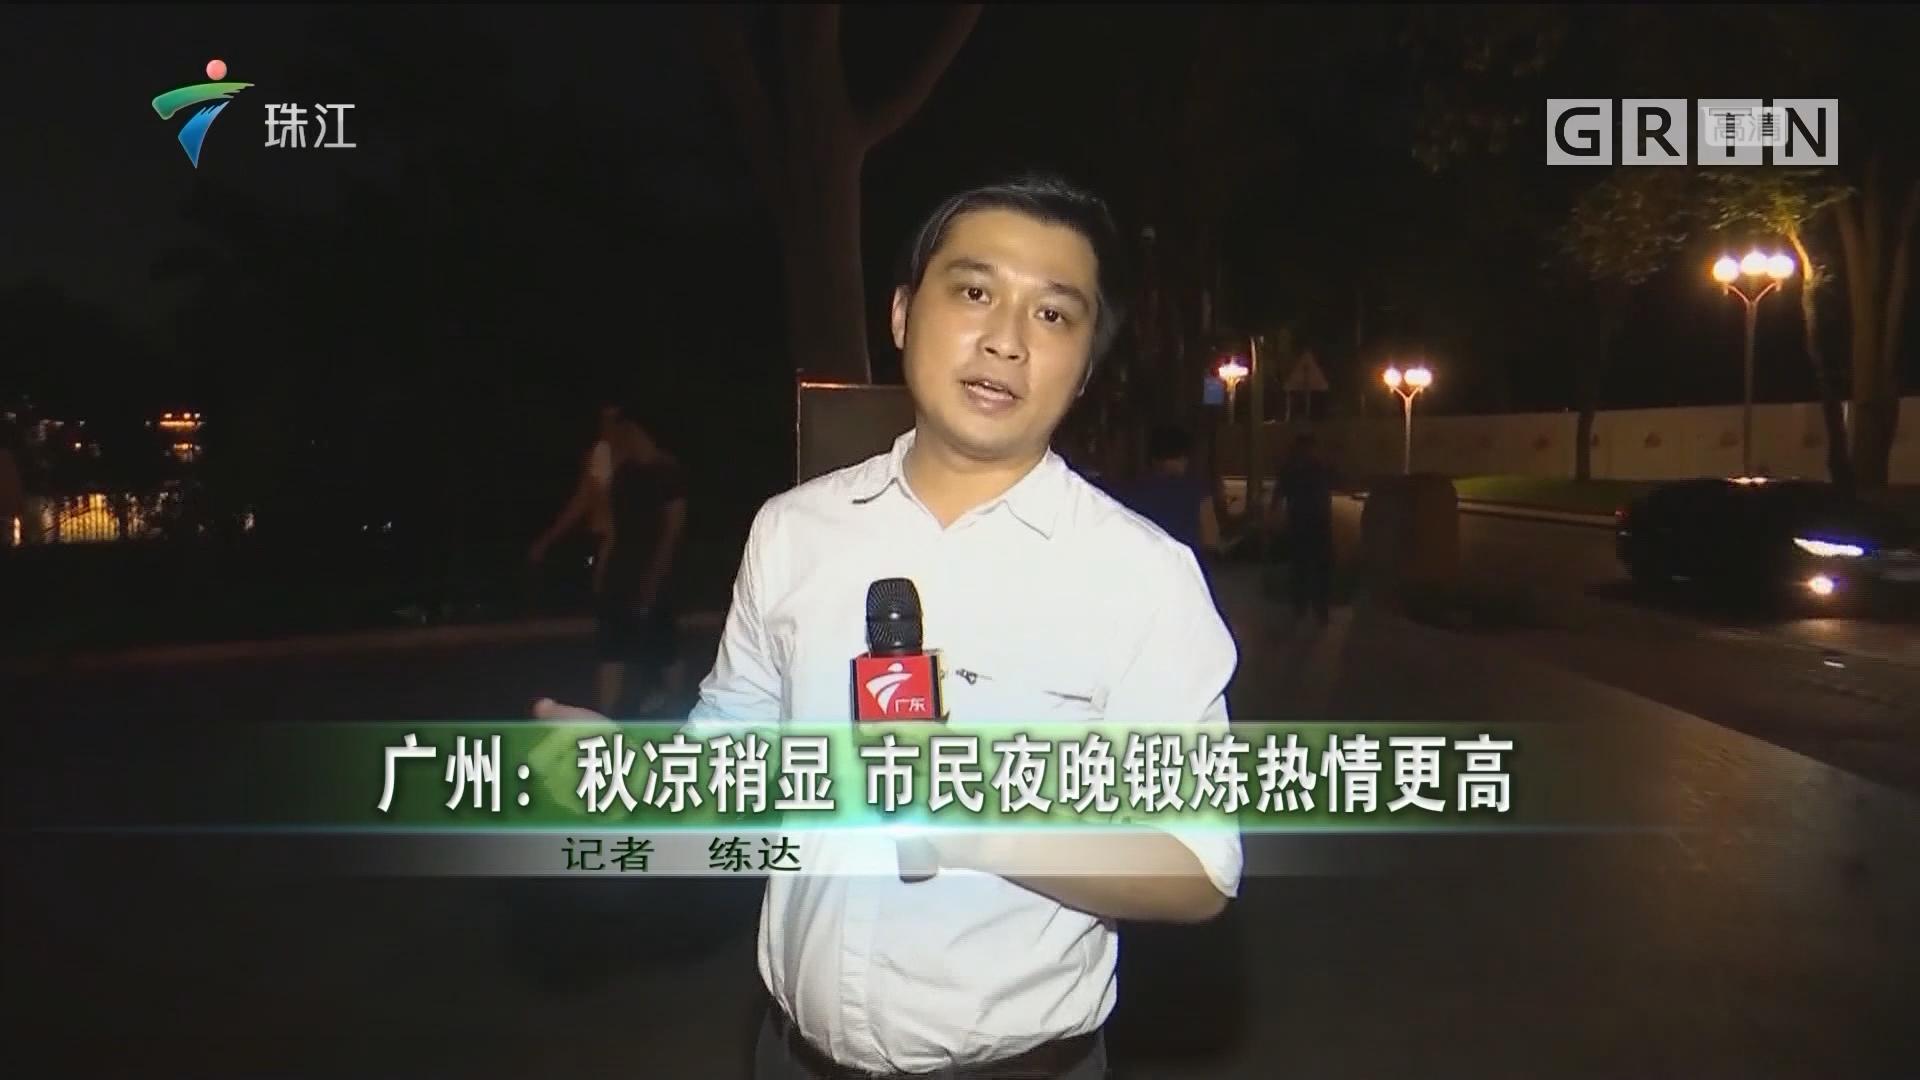 广州:秋凉稍显 市民夜晚锻炼热情更高